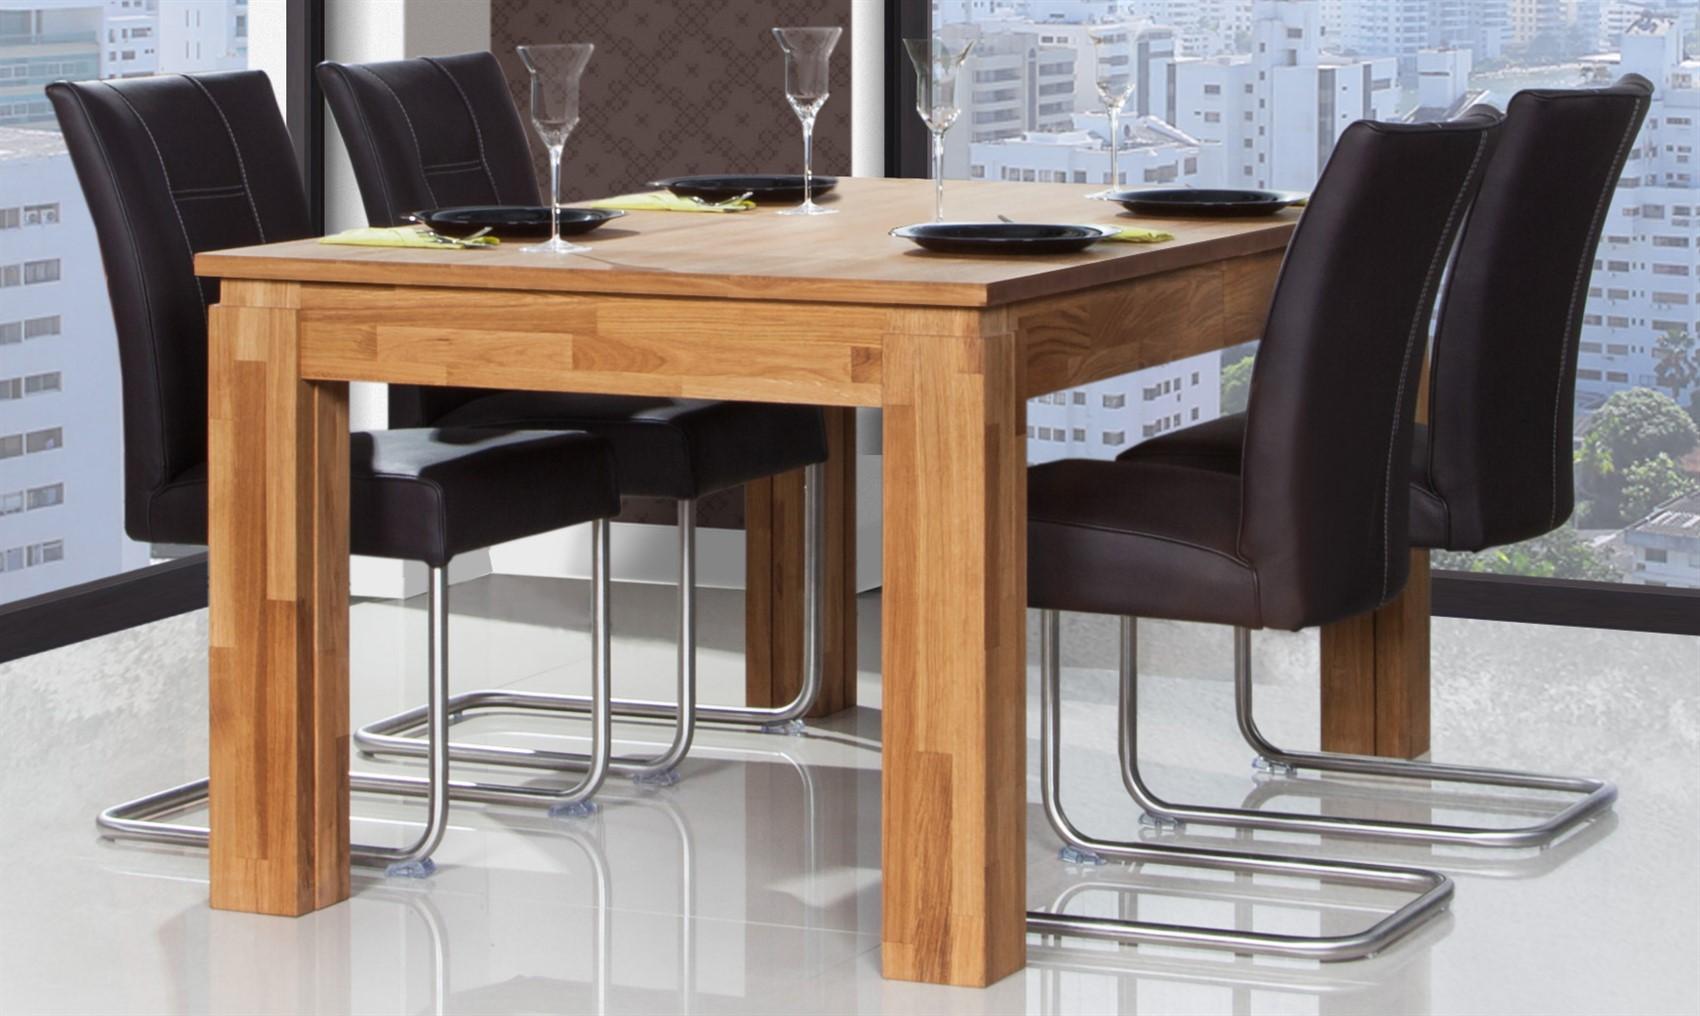 Esstisch Tisch Ausziehbar Maison Buche Massiv 240 540x100 Cm